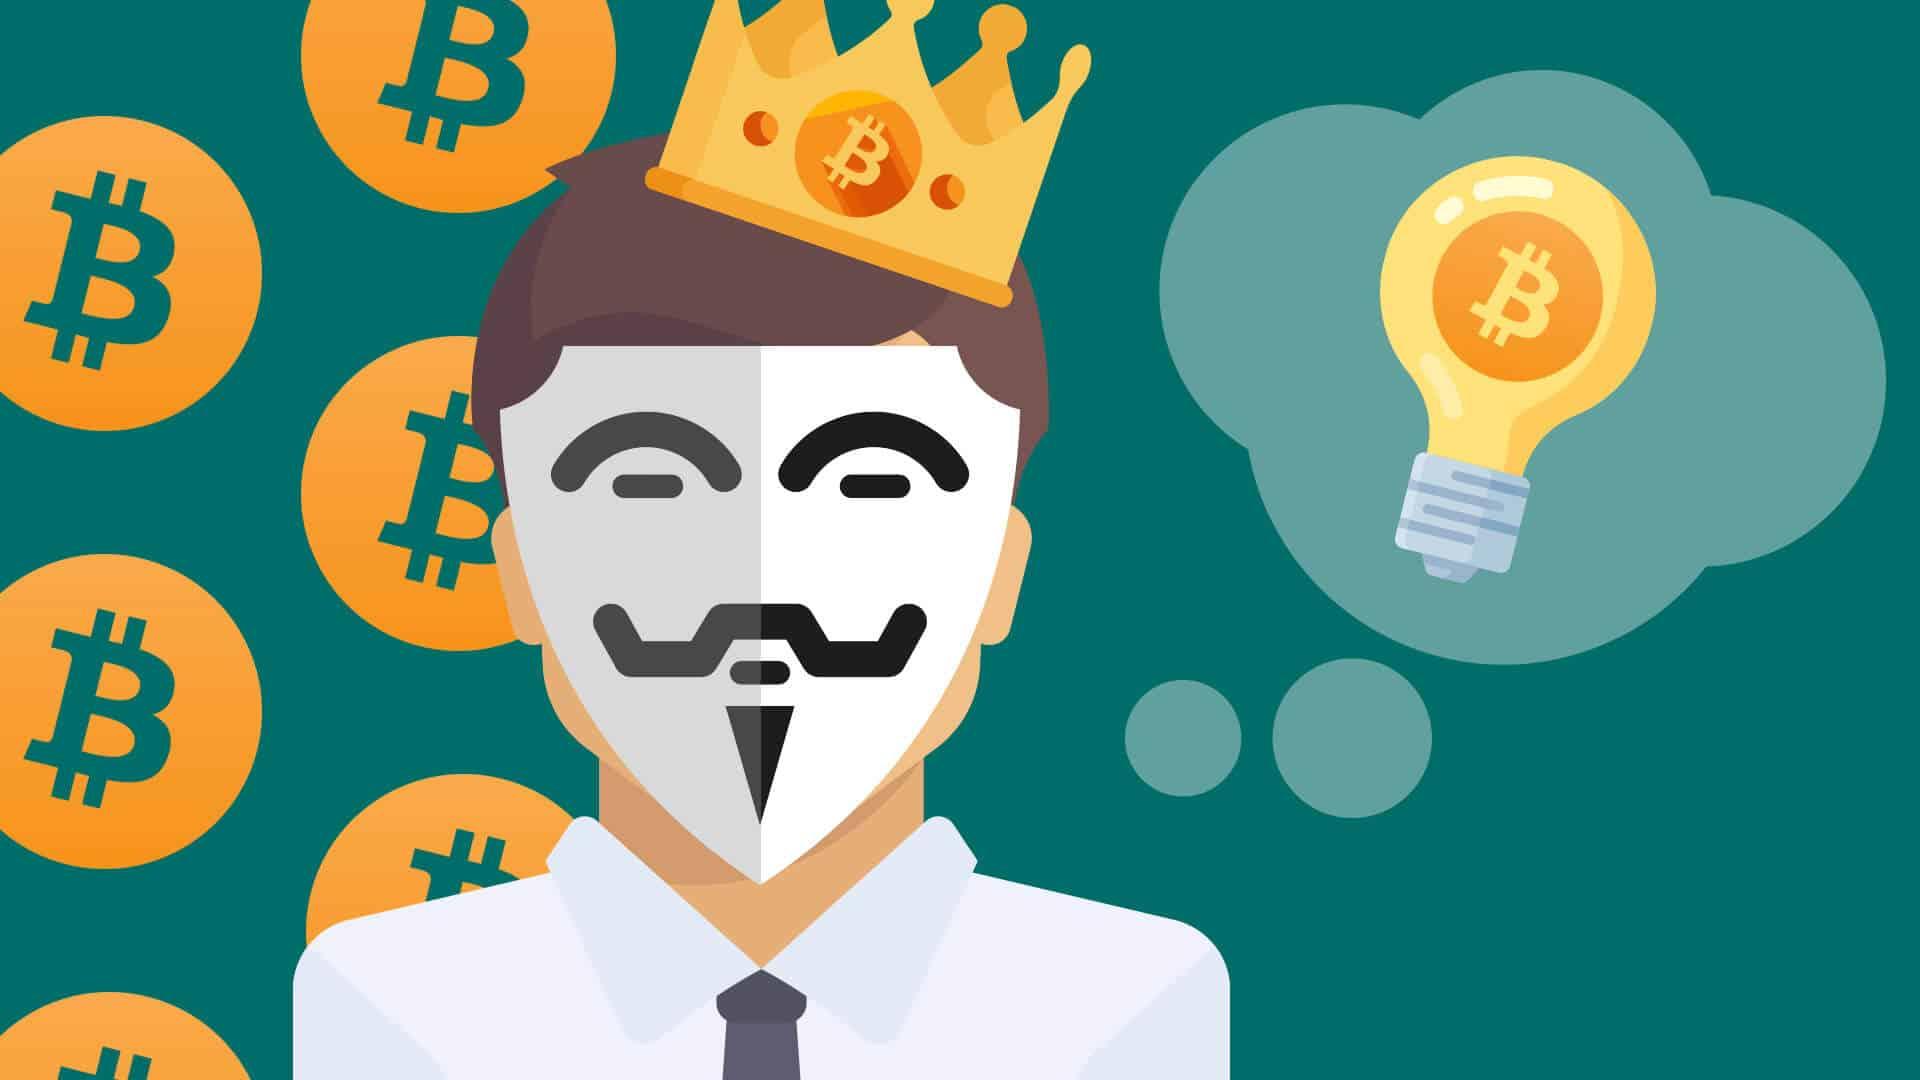 Phantom Satoshi Nakamoto, Guyhinter Fawkes Maske, unbekannter Erfinder von Bitcoin